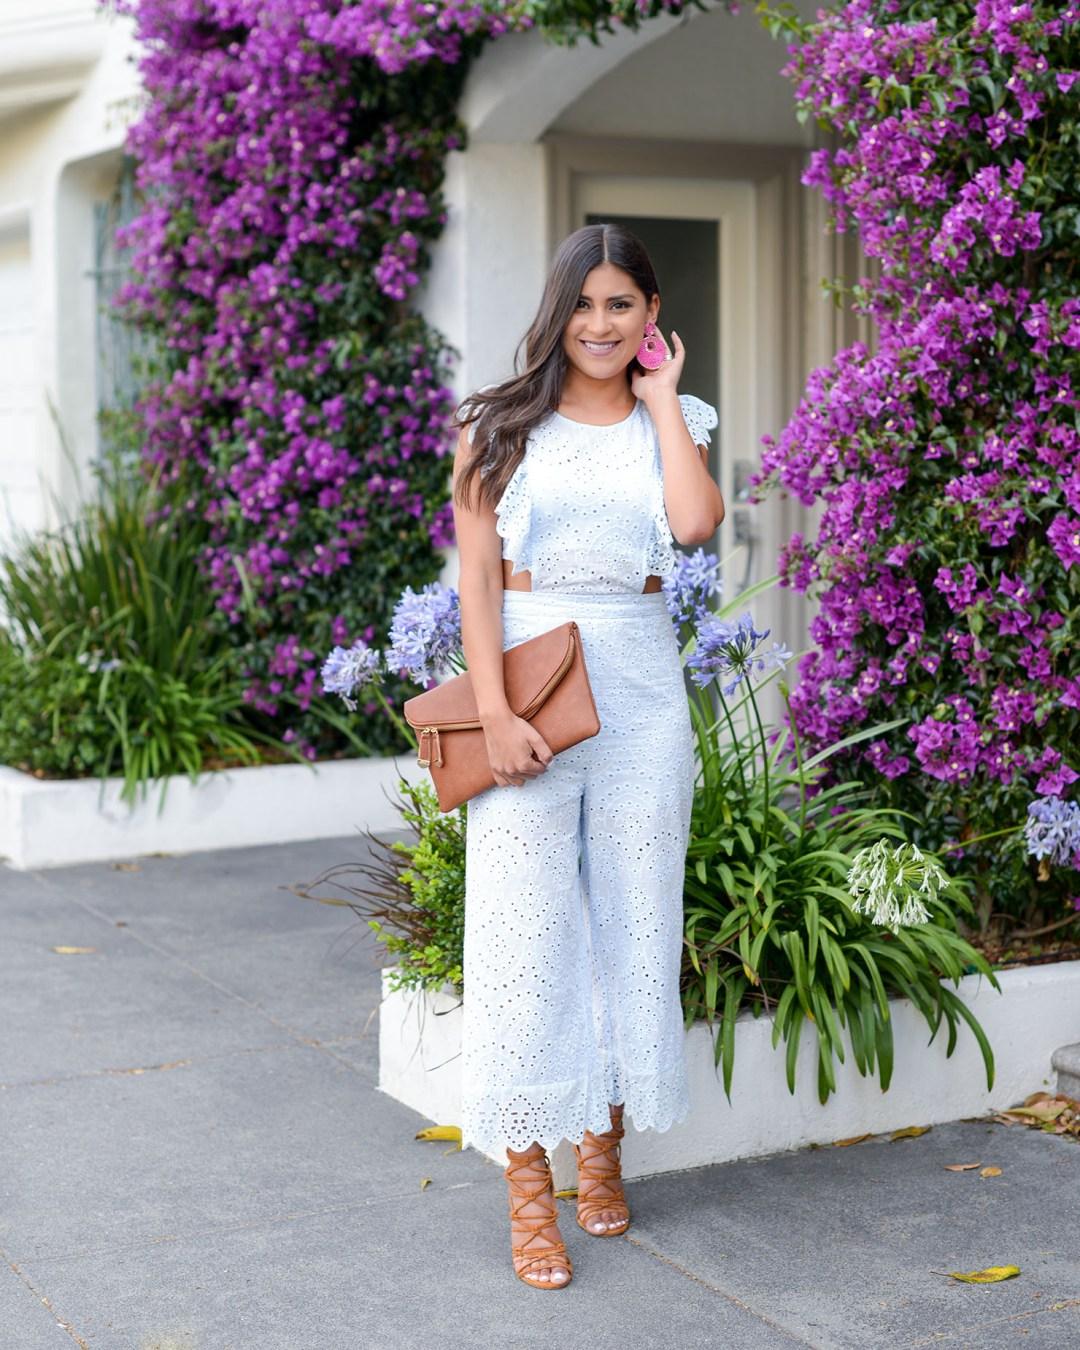 Lifestyle blogger Kelsey Kaplan of Kelsey Kaplan Fashion wearing eyelet jumpsuit from VICI